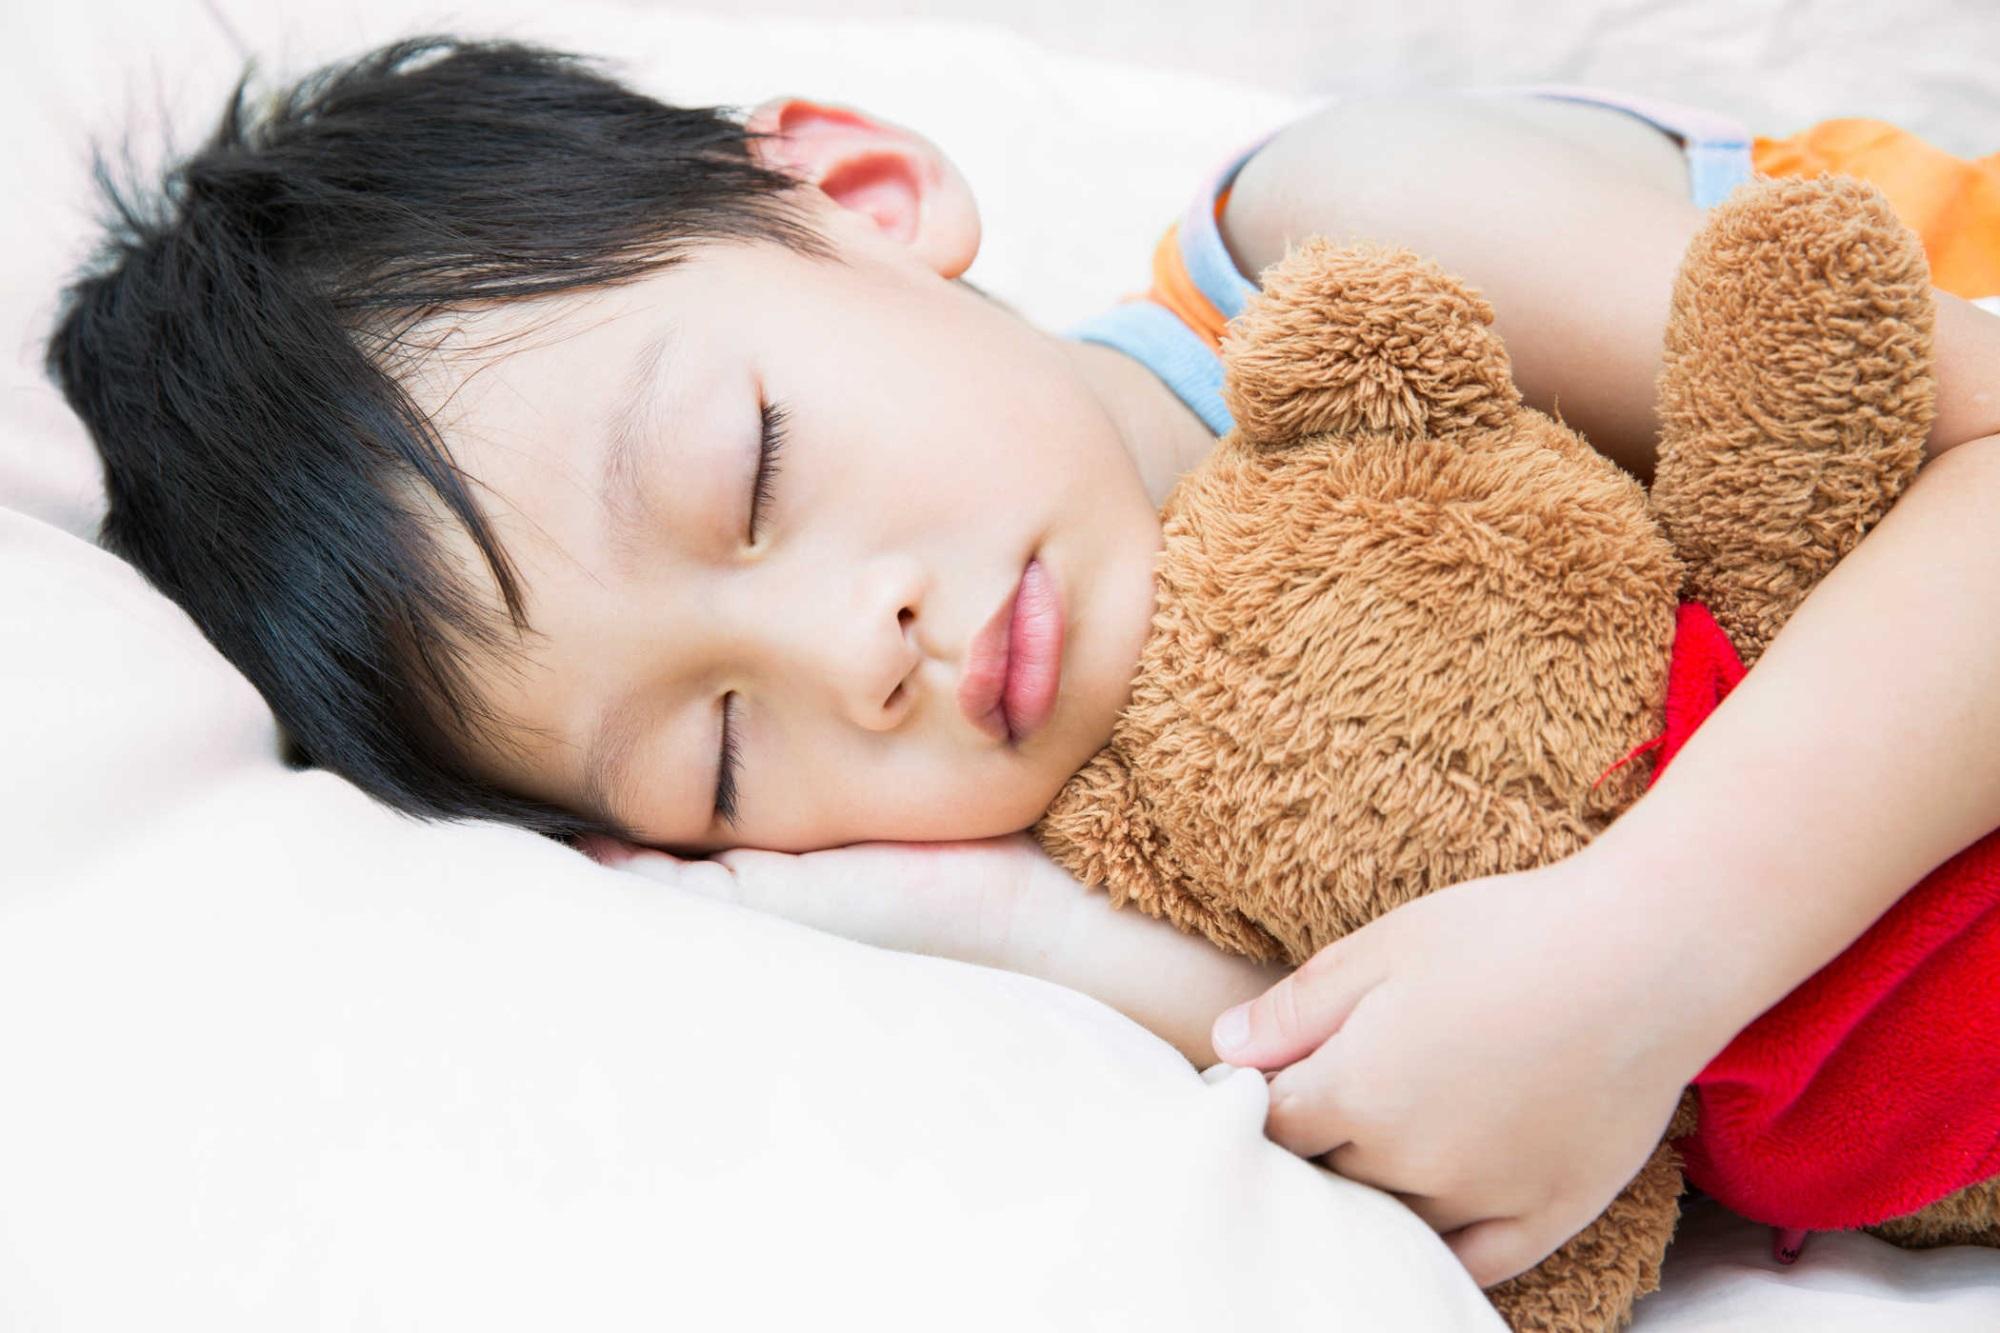 Hiện tượng ngáy ngủ ban đêm ở trẻ em không phải hiếm gặp